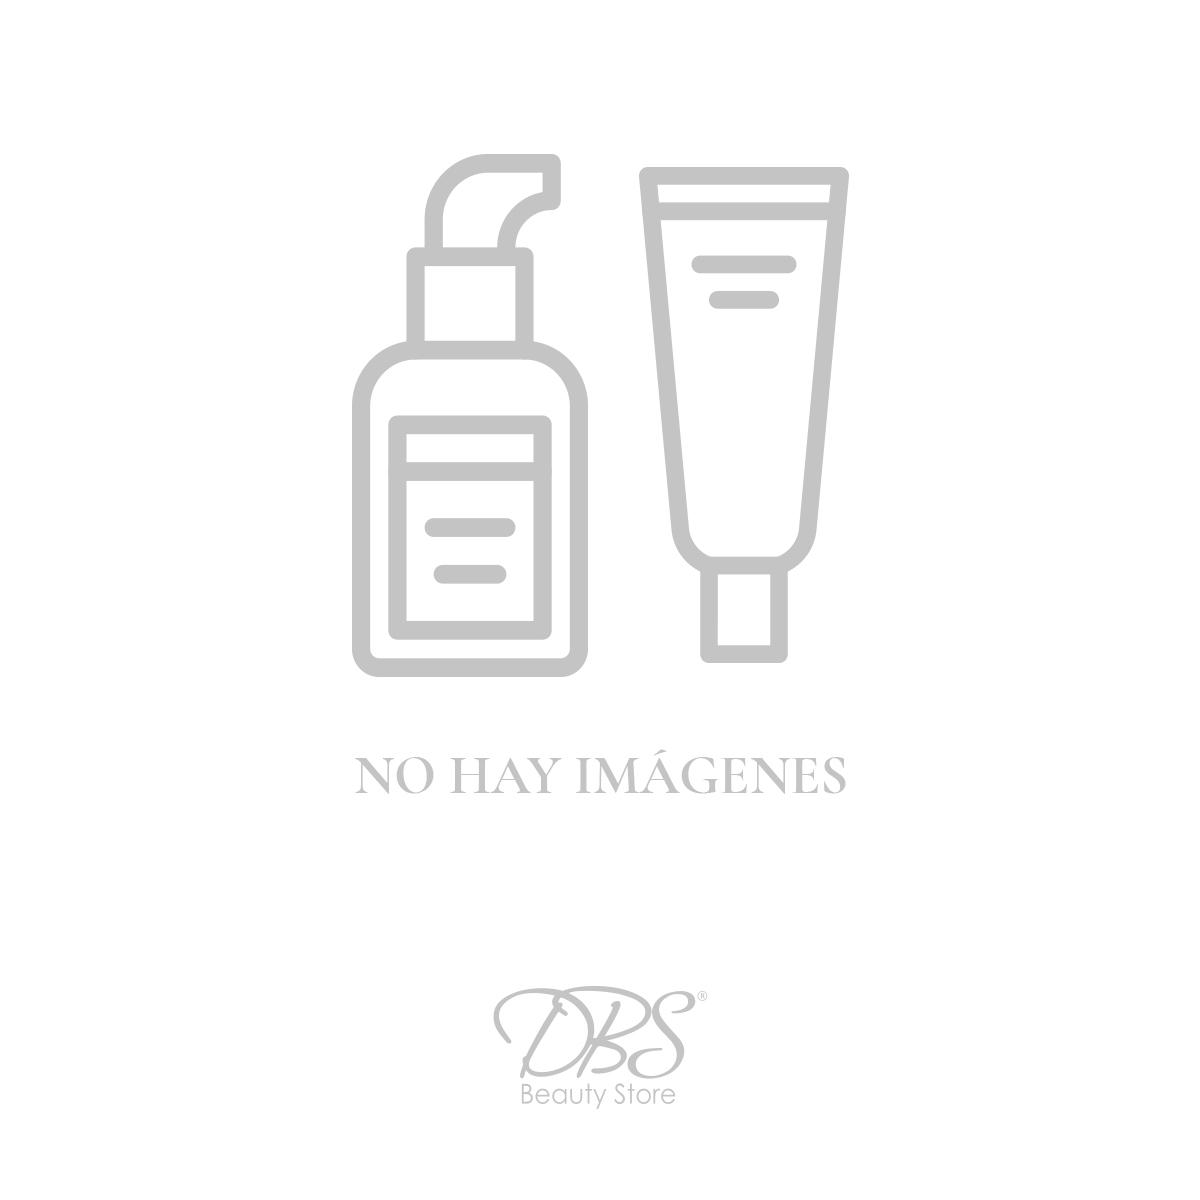 dbs-cosmetics-DBS-SCH1029-MP.jpg